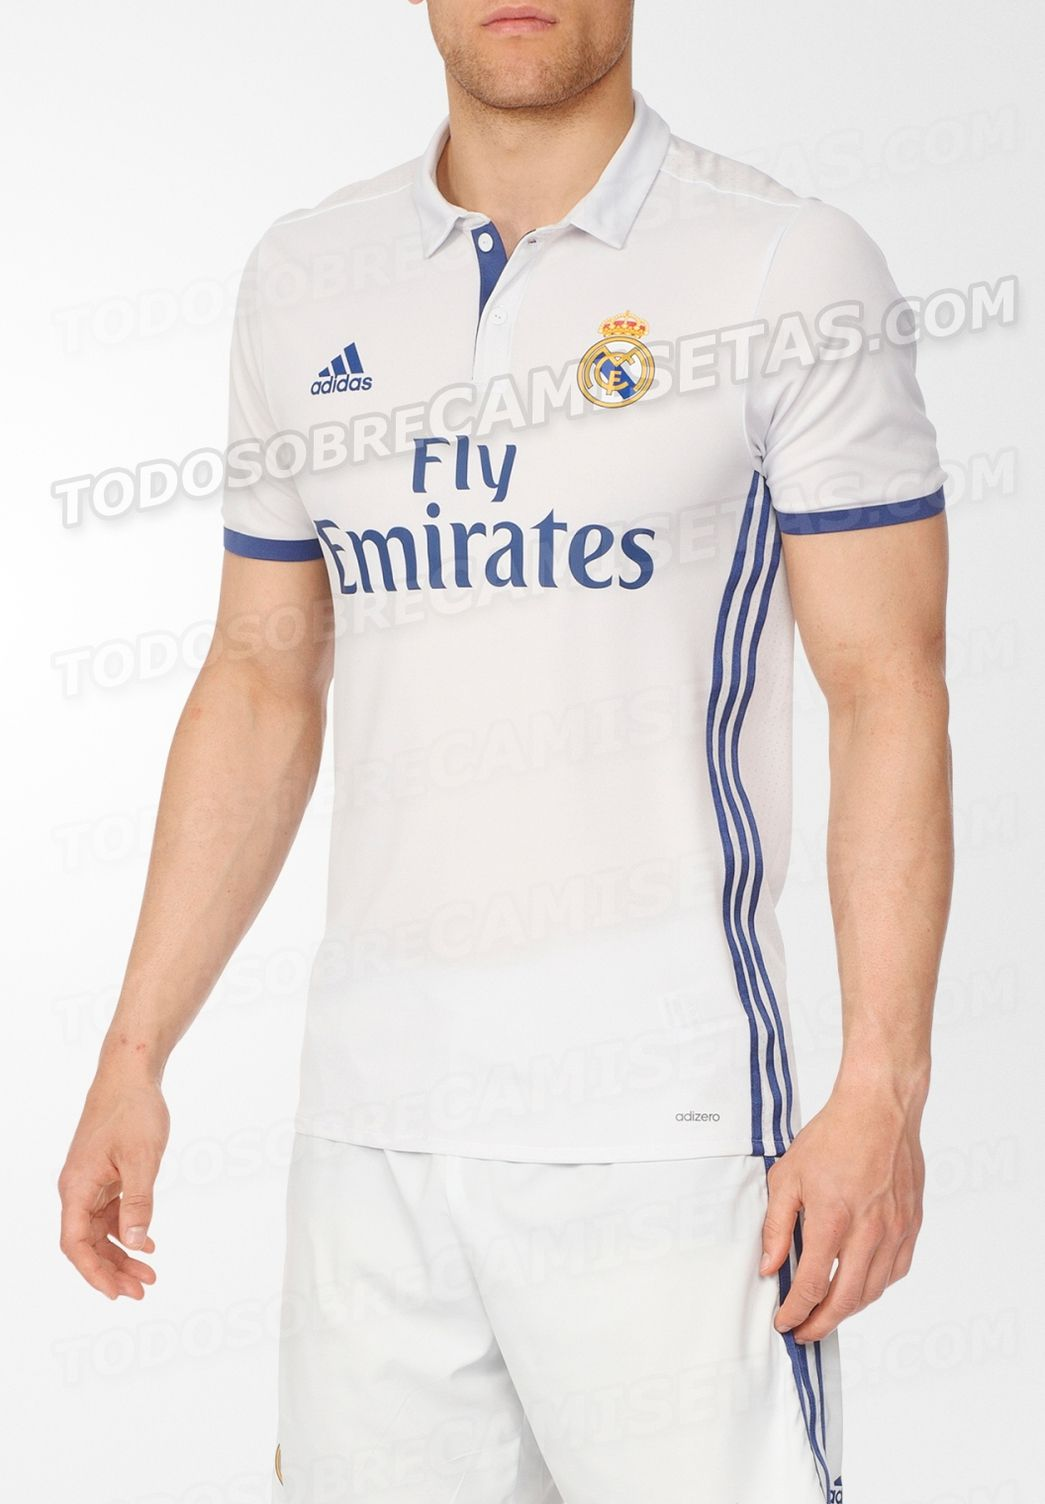 Real Madrid volvería a usar color azul en su camiseta